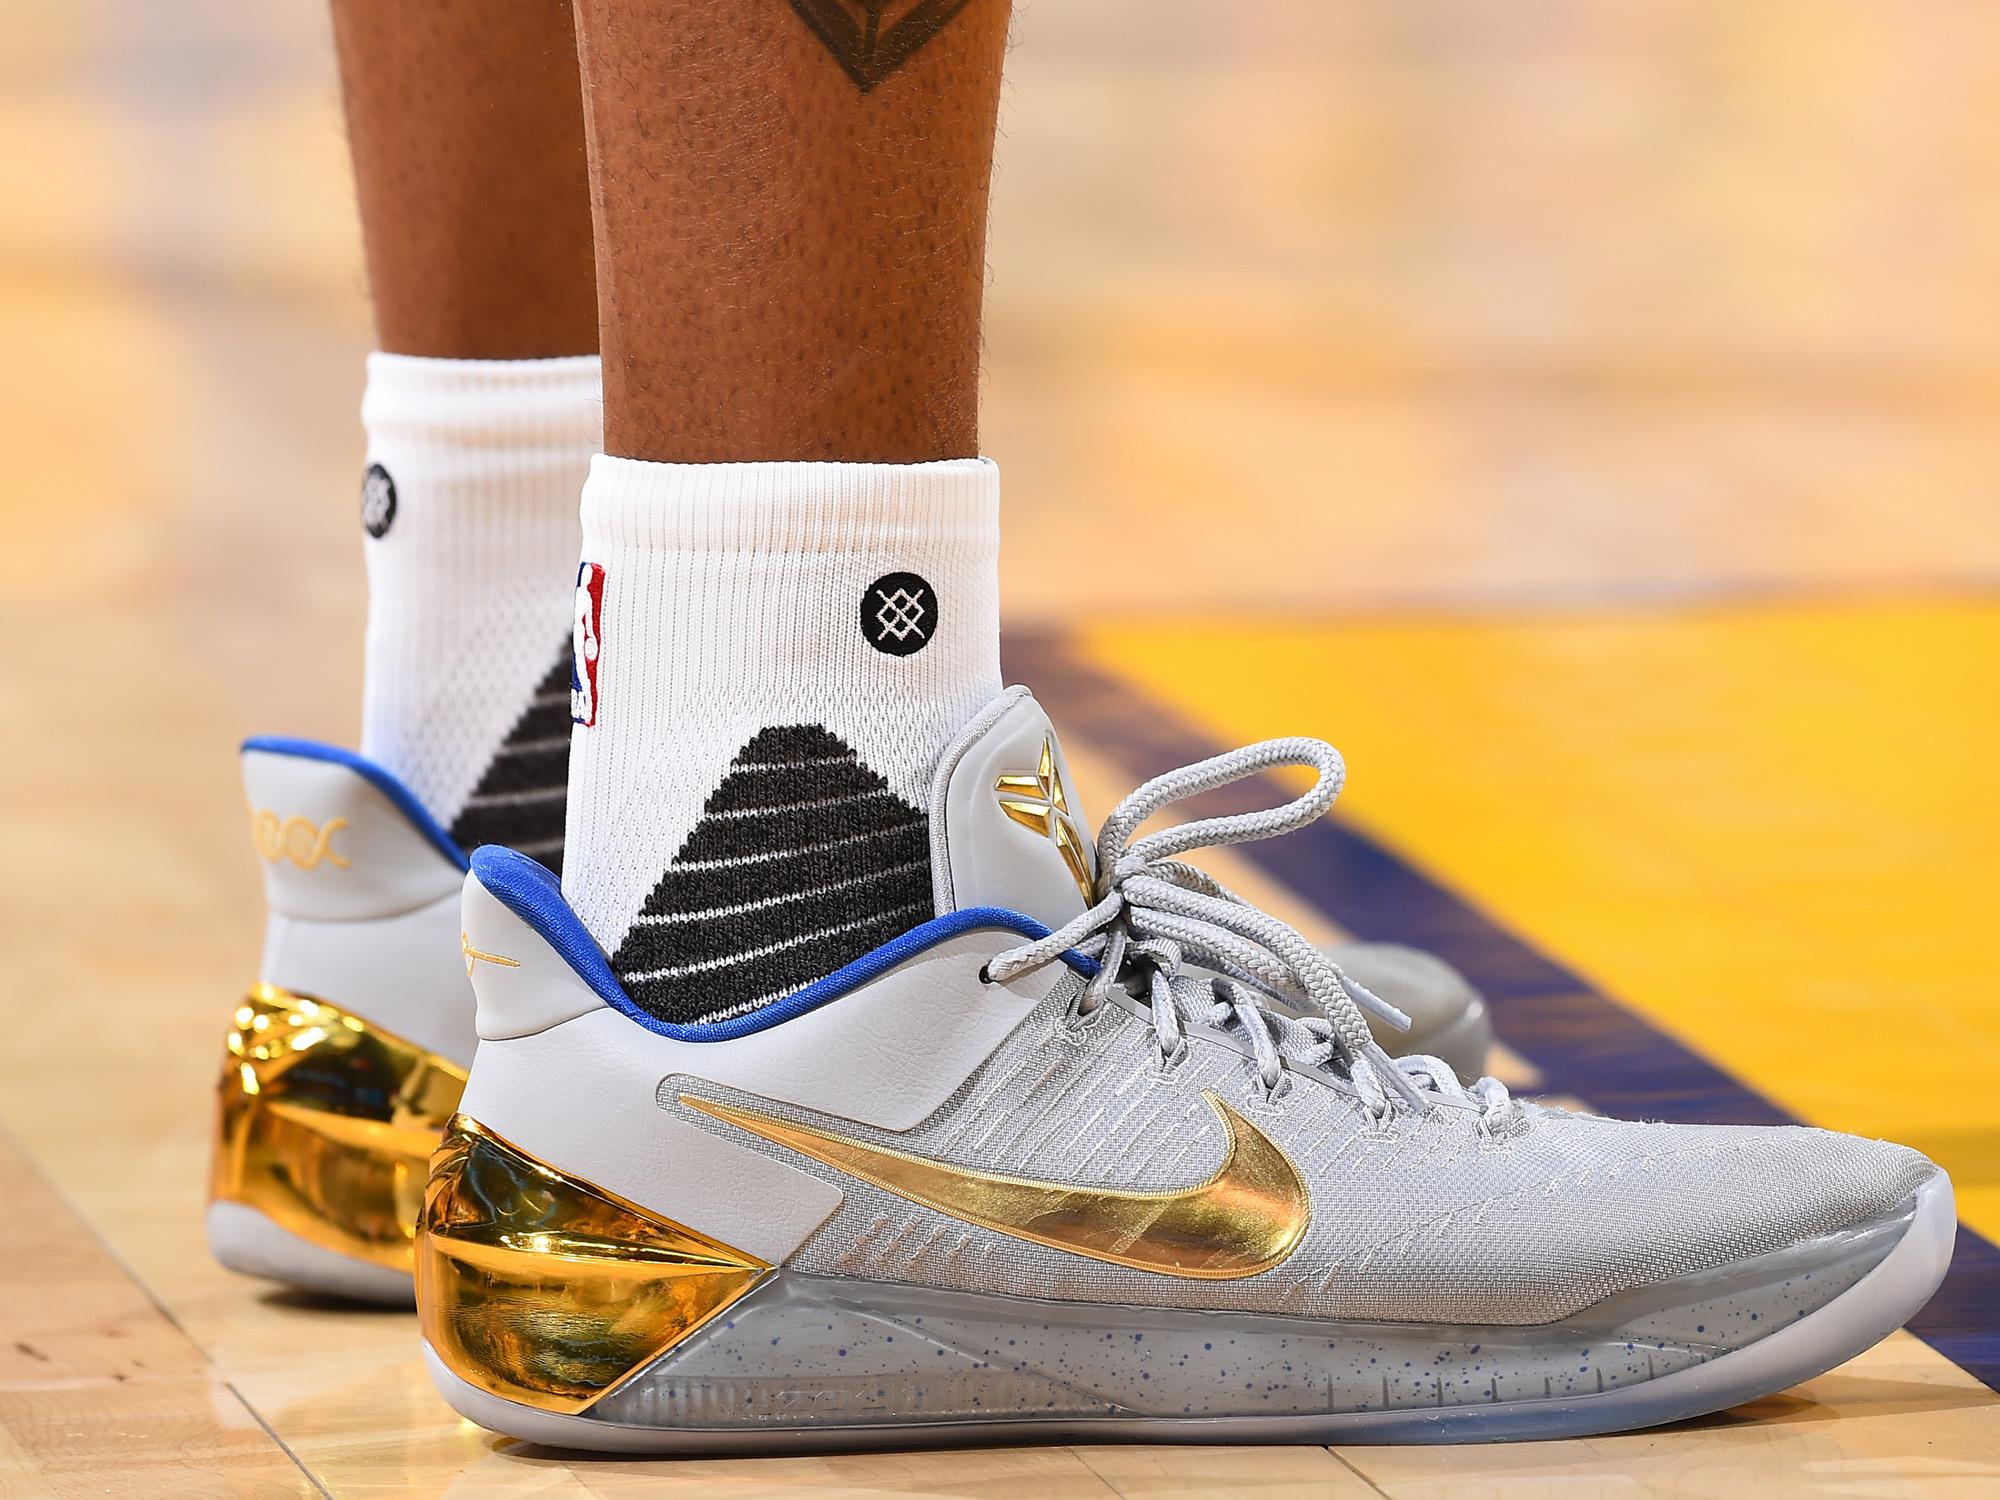 Nike Kobe AD PE worn by Andre Igoudala